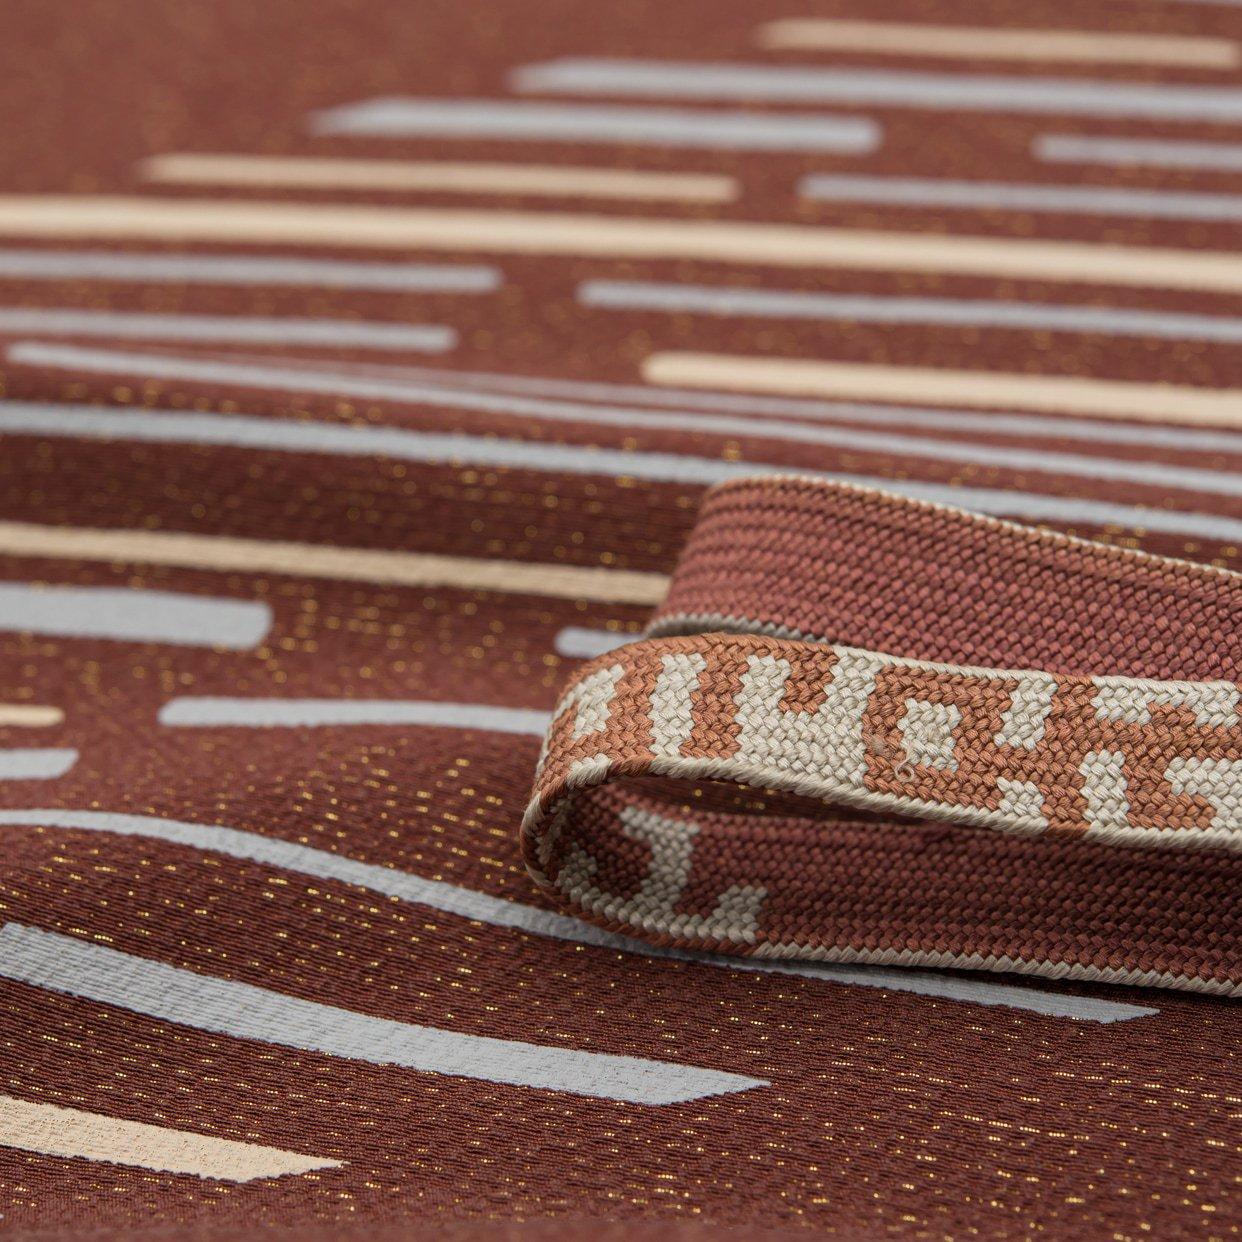 「帯揚げ帯締めセット 金通し 斜めライン」の商品画像